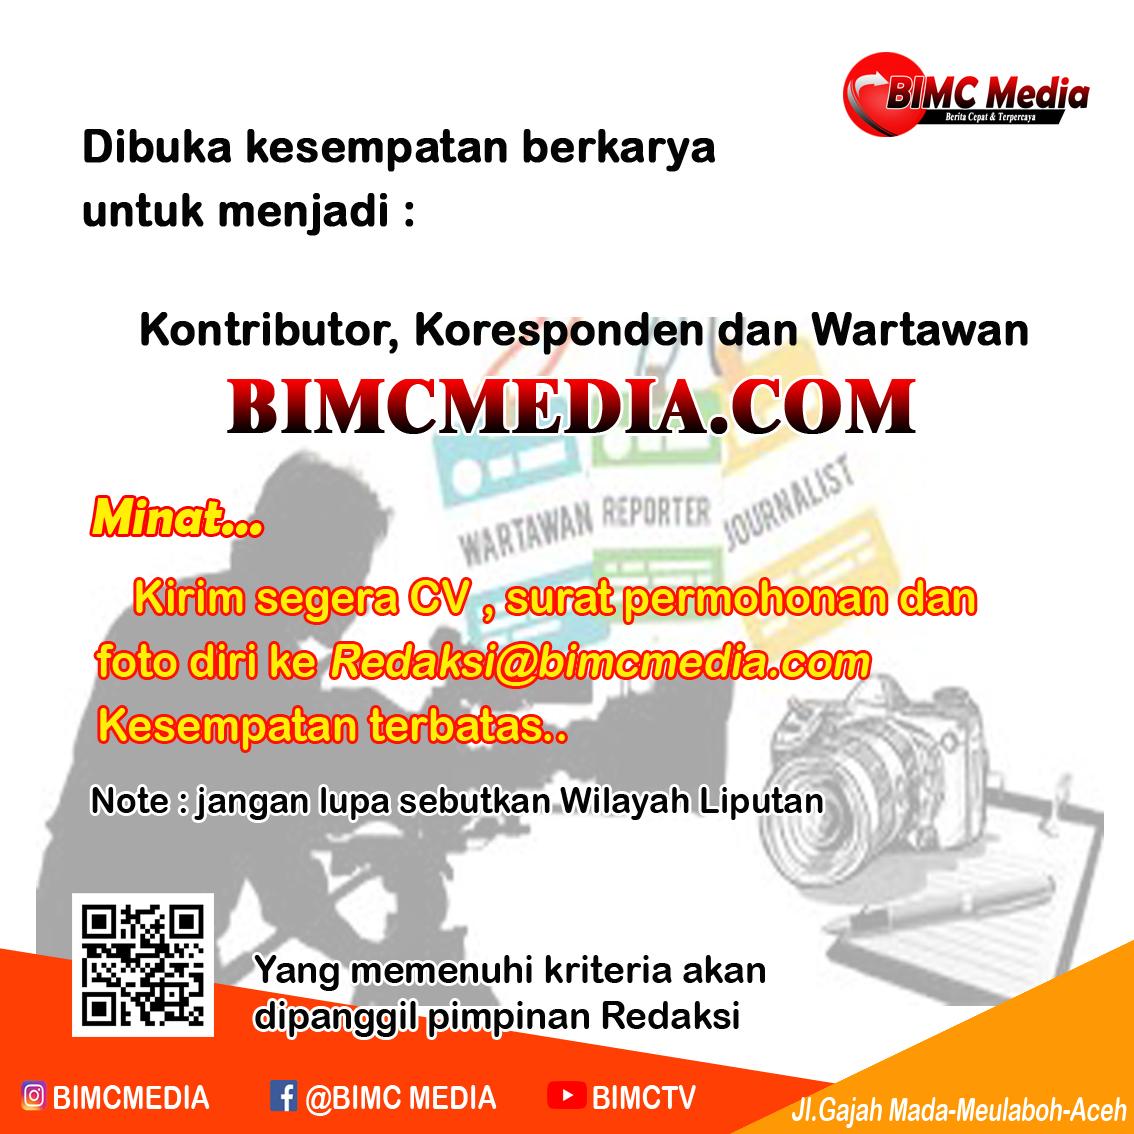 Iklan bimcmedia